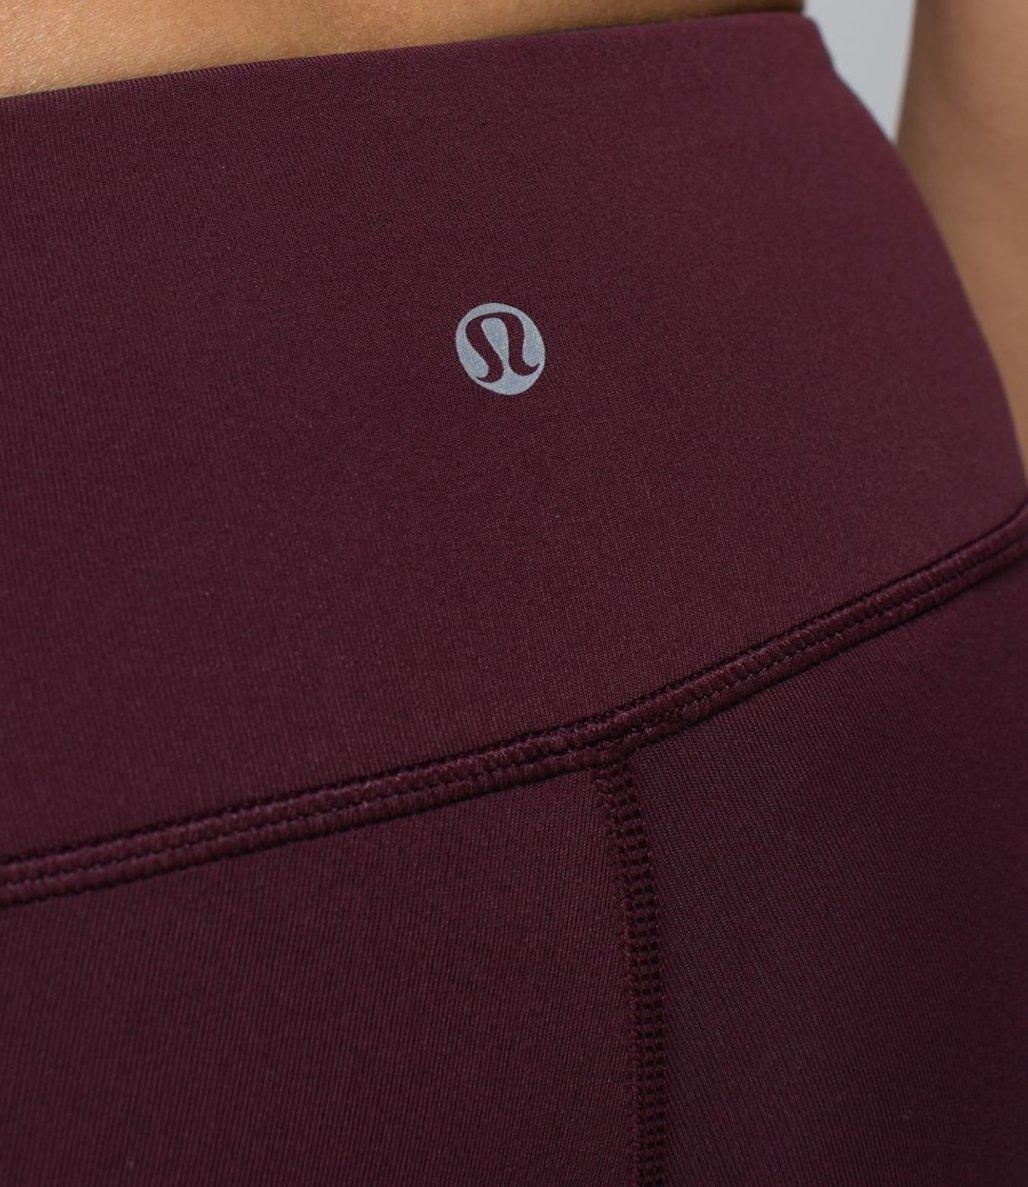 Lululemon Wunder Under Pant III Yoga Pants (Bordeaux, 10) by Lululemon (Image #6)